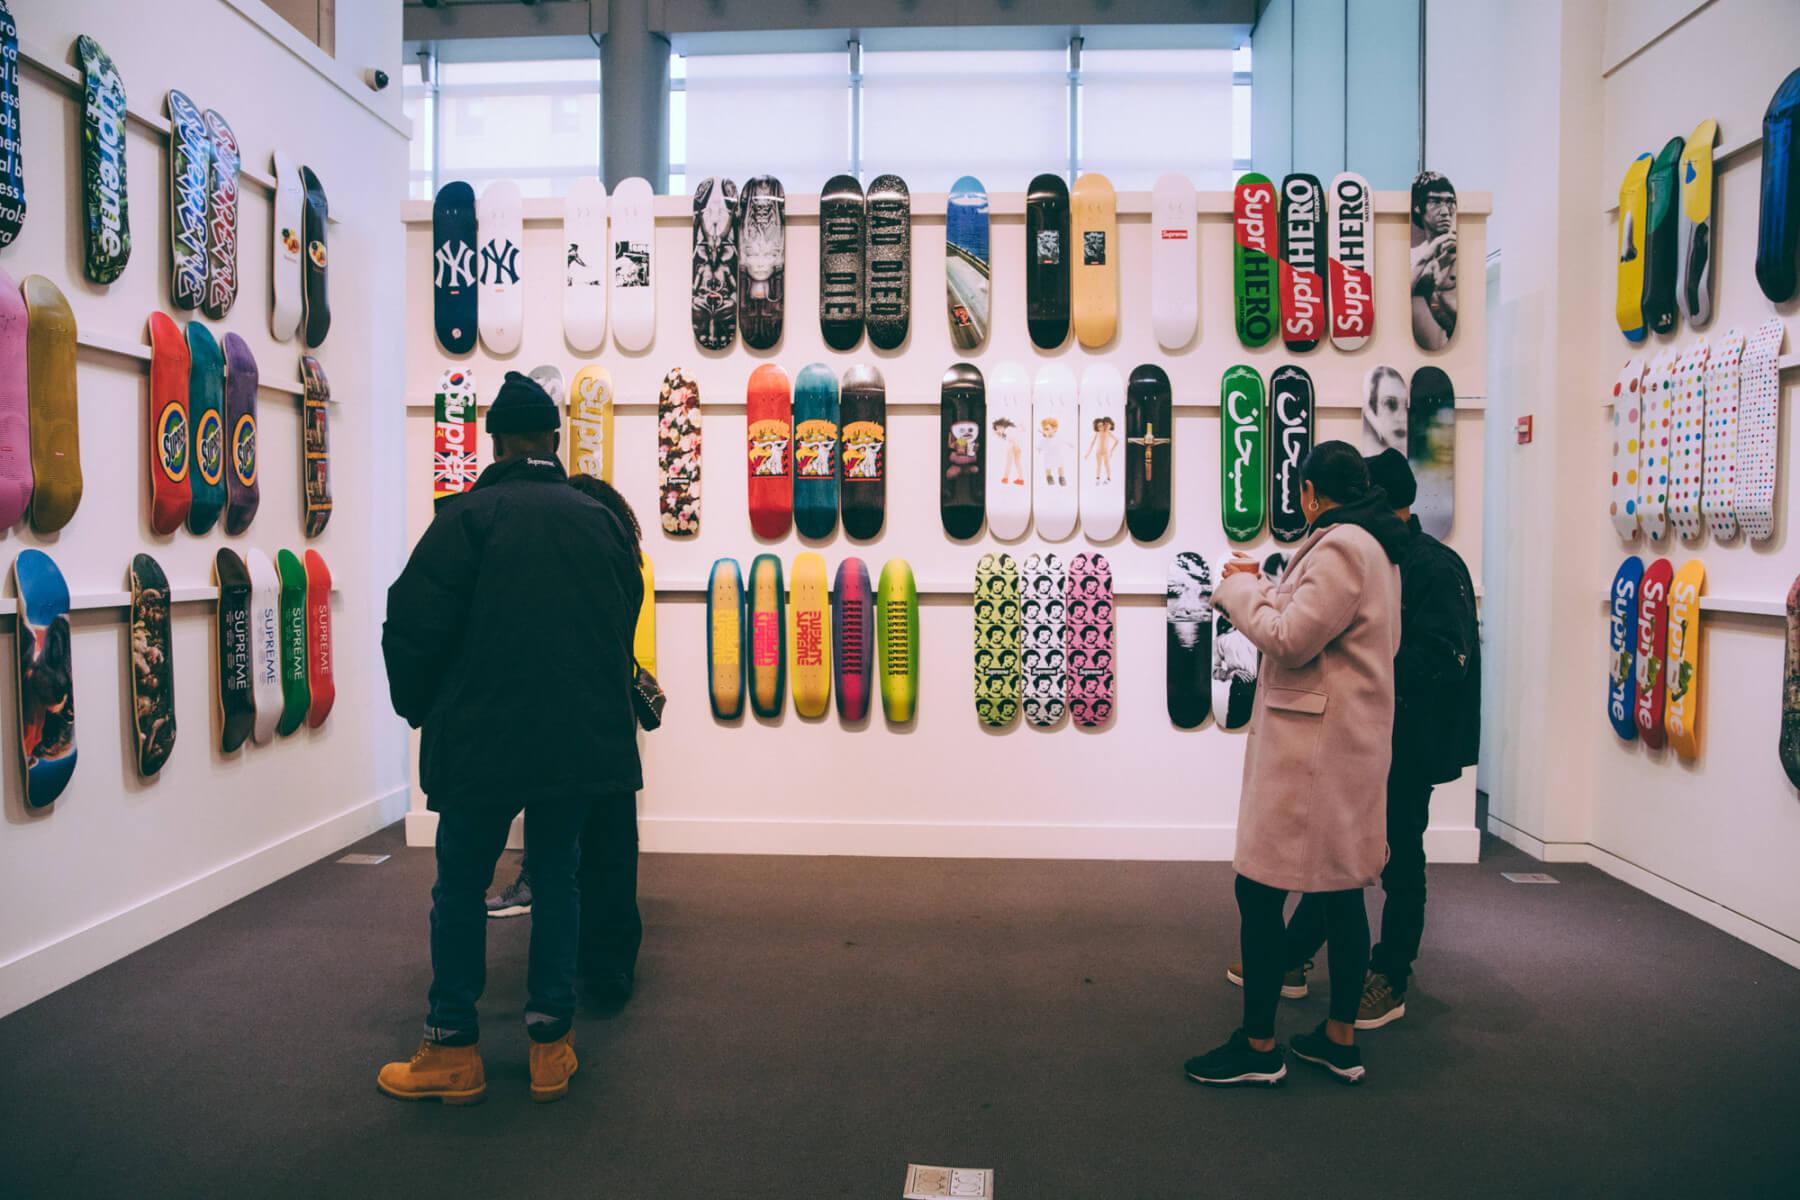 """La colección de Supreme presenta""""20 años de Supreme"""" en donde reúne lo mejor en el diseño de sus tablas skate"""